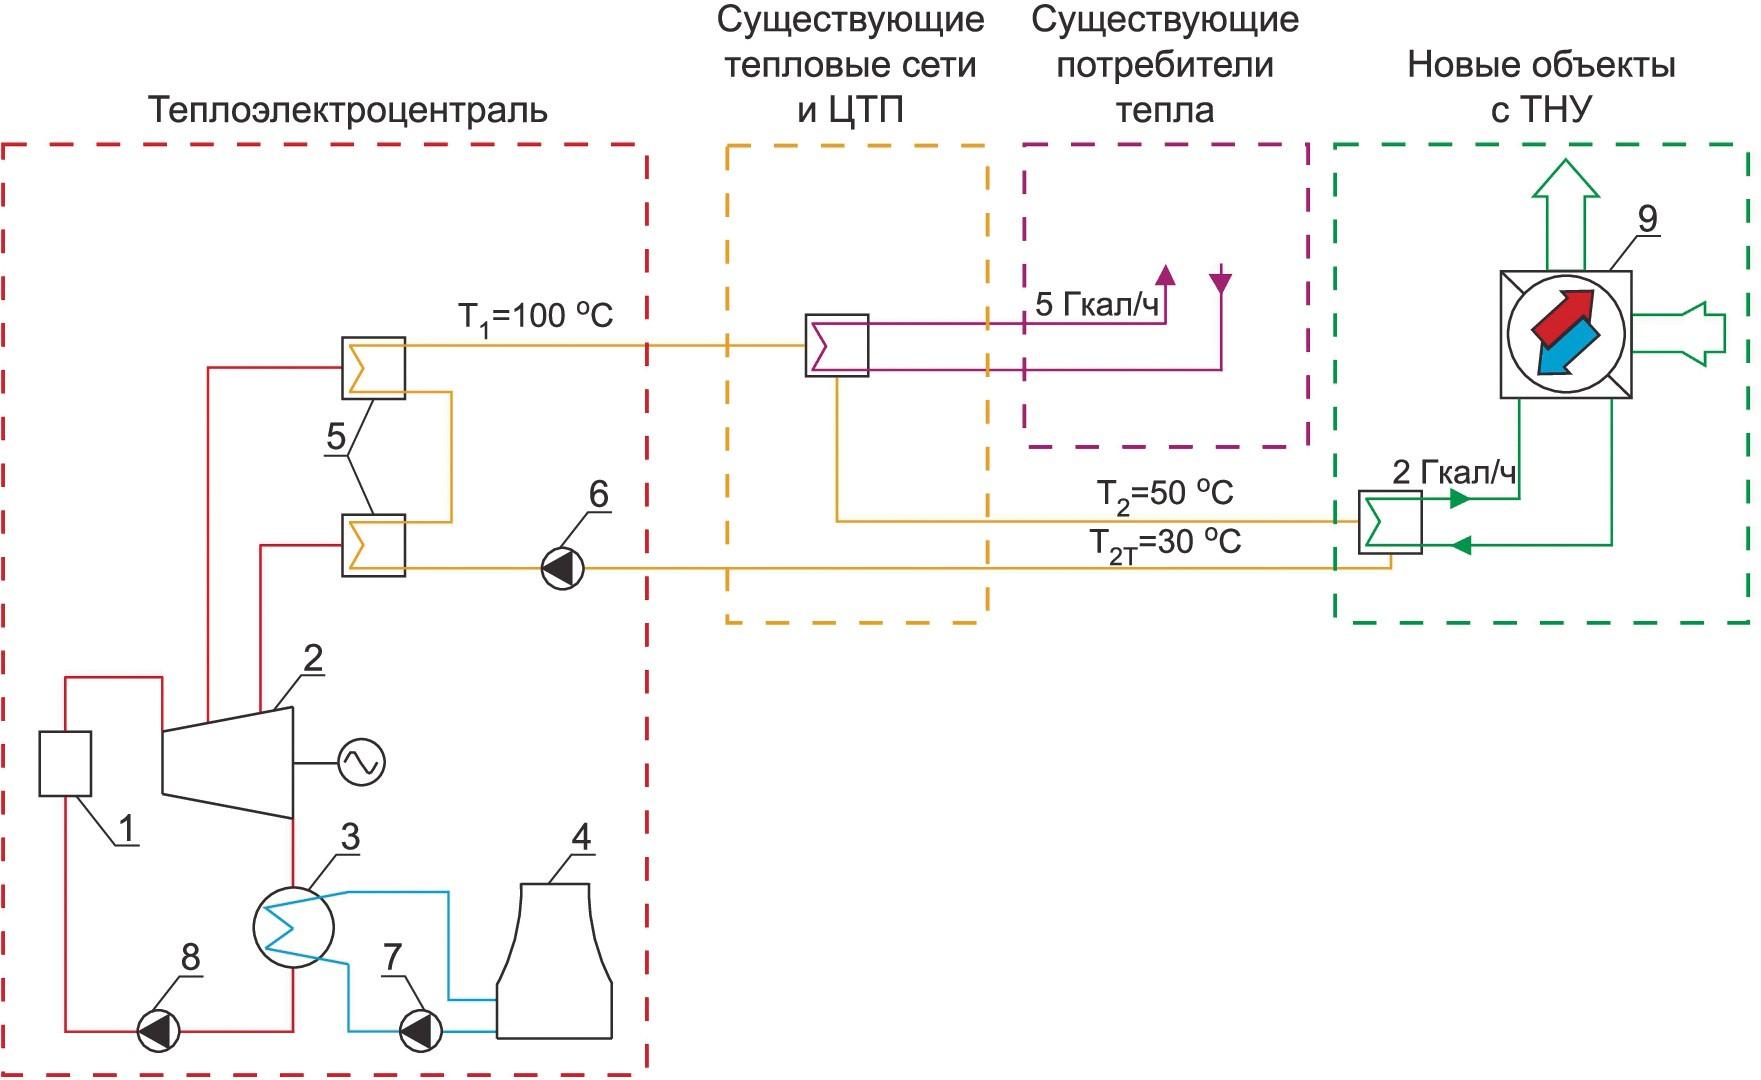 Принципиальная схема ЦТ от паротурбинной ТЭЦ с применением ТНУ